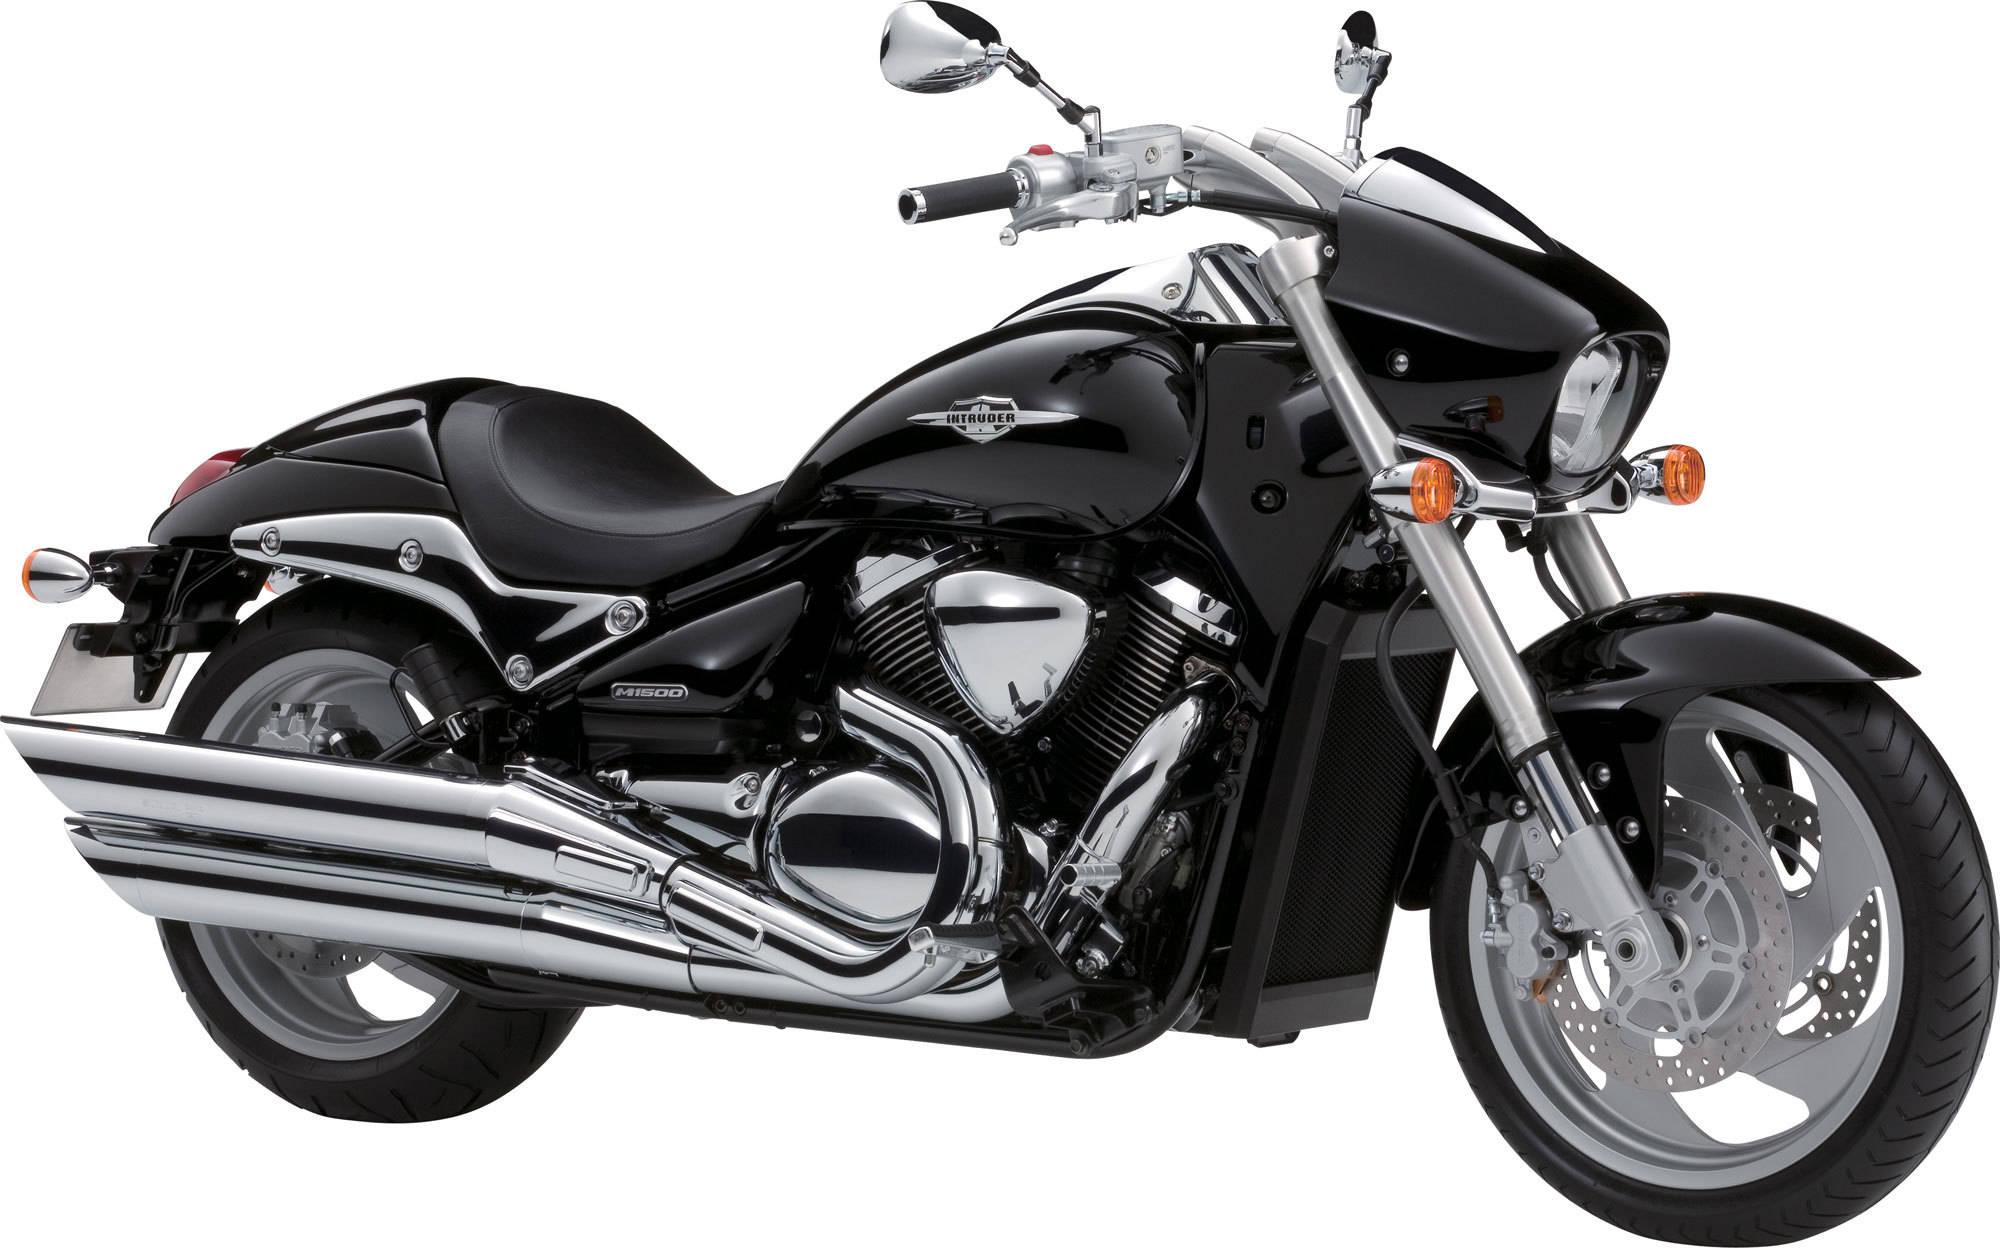 Suzuki Intruder M1800R Price, Mileage, Review - Suzuki Bikes